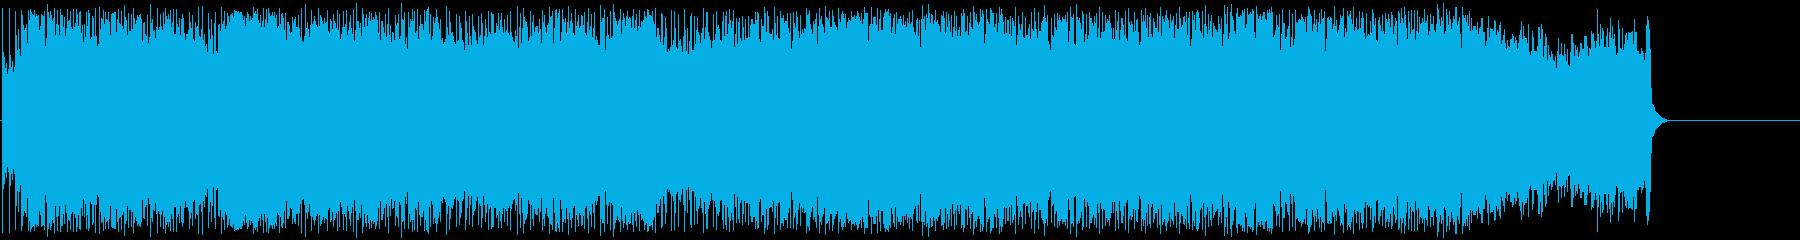 怒りを感じるパワフルなハードロックの再生済みの波形